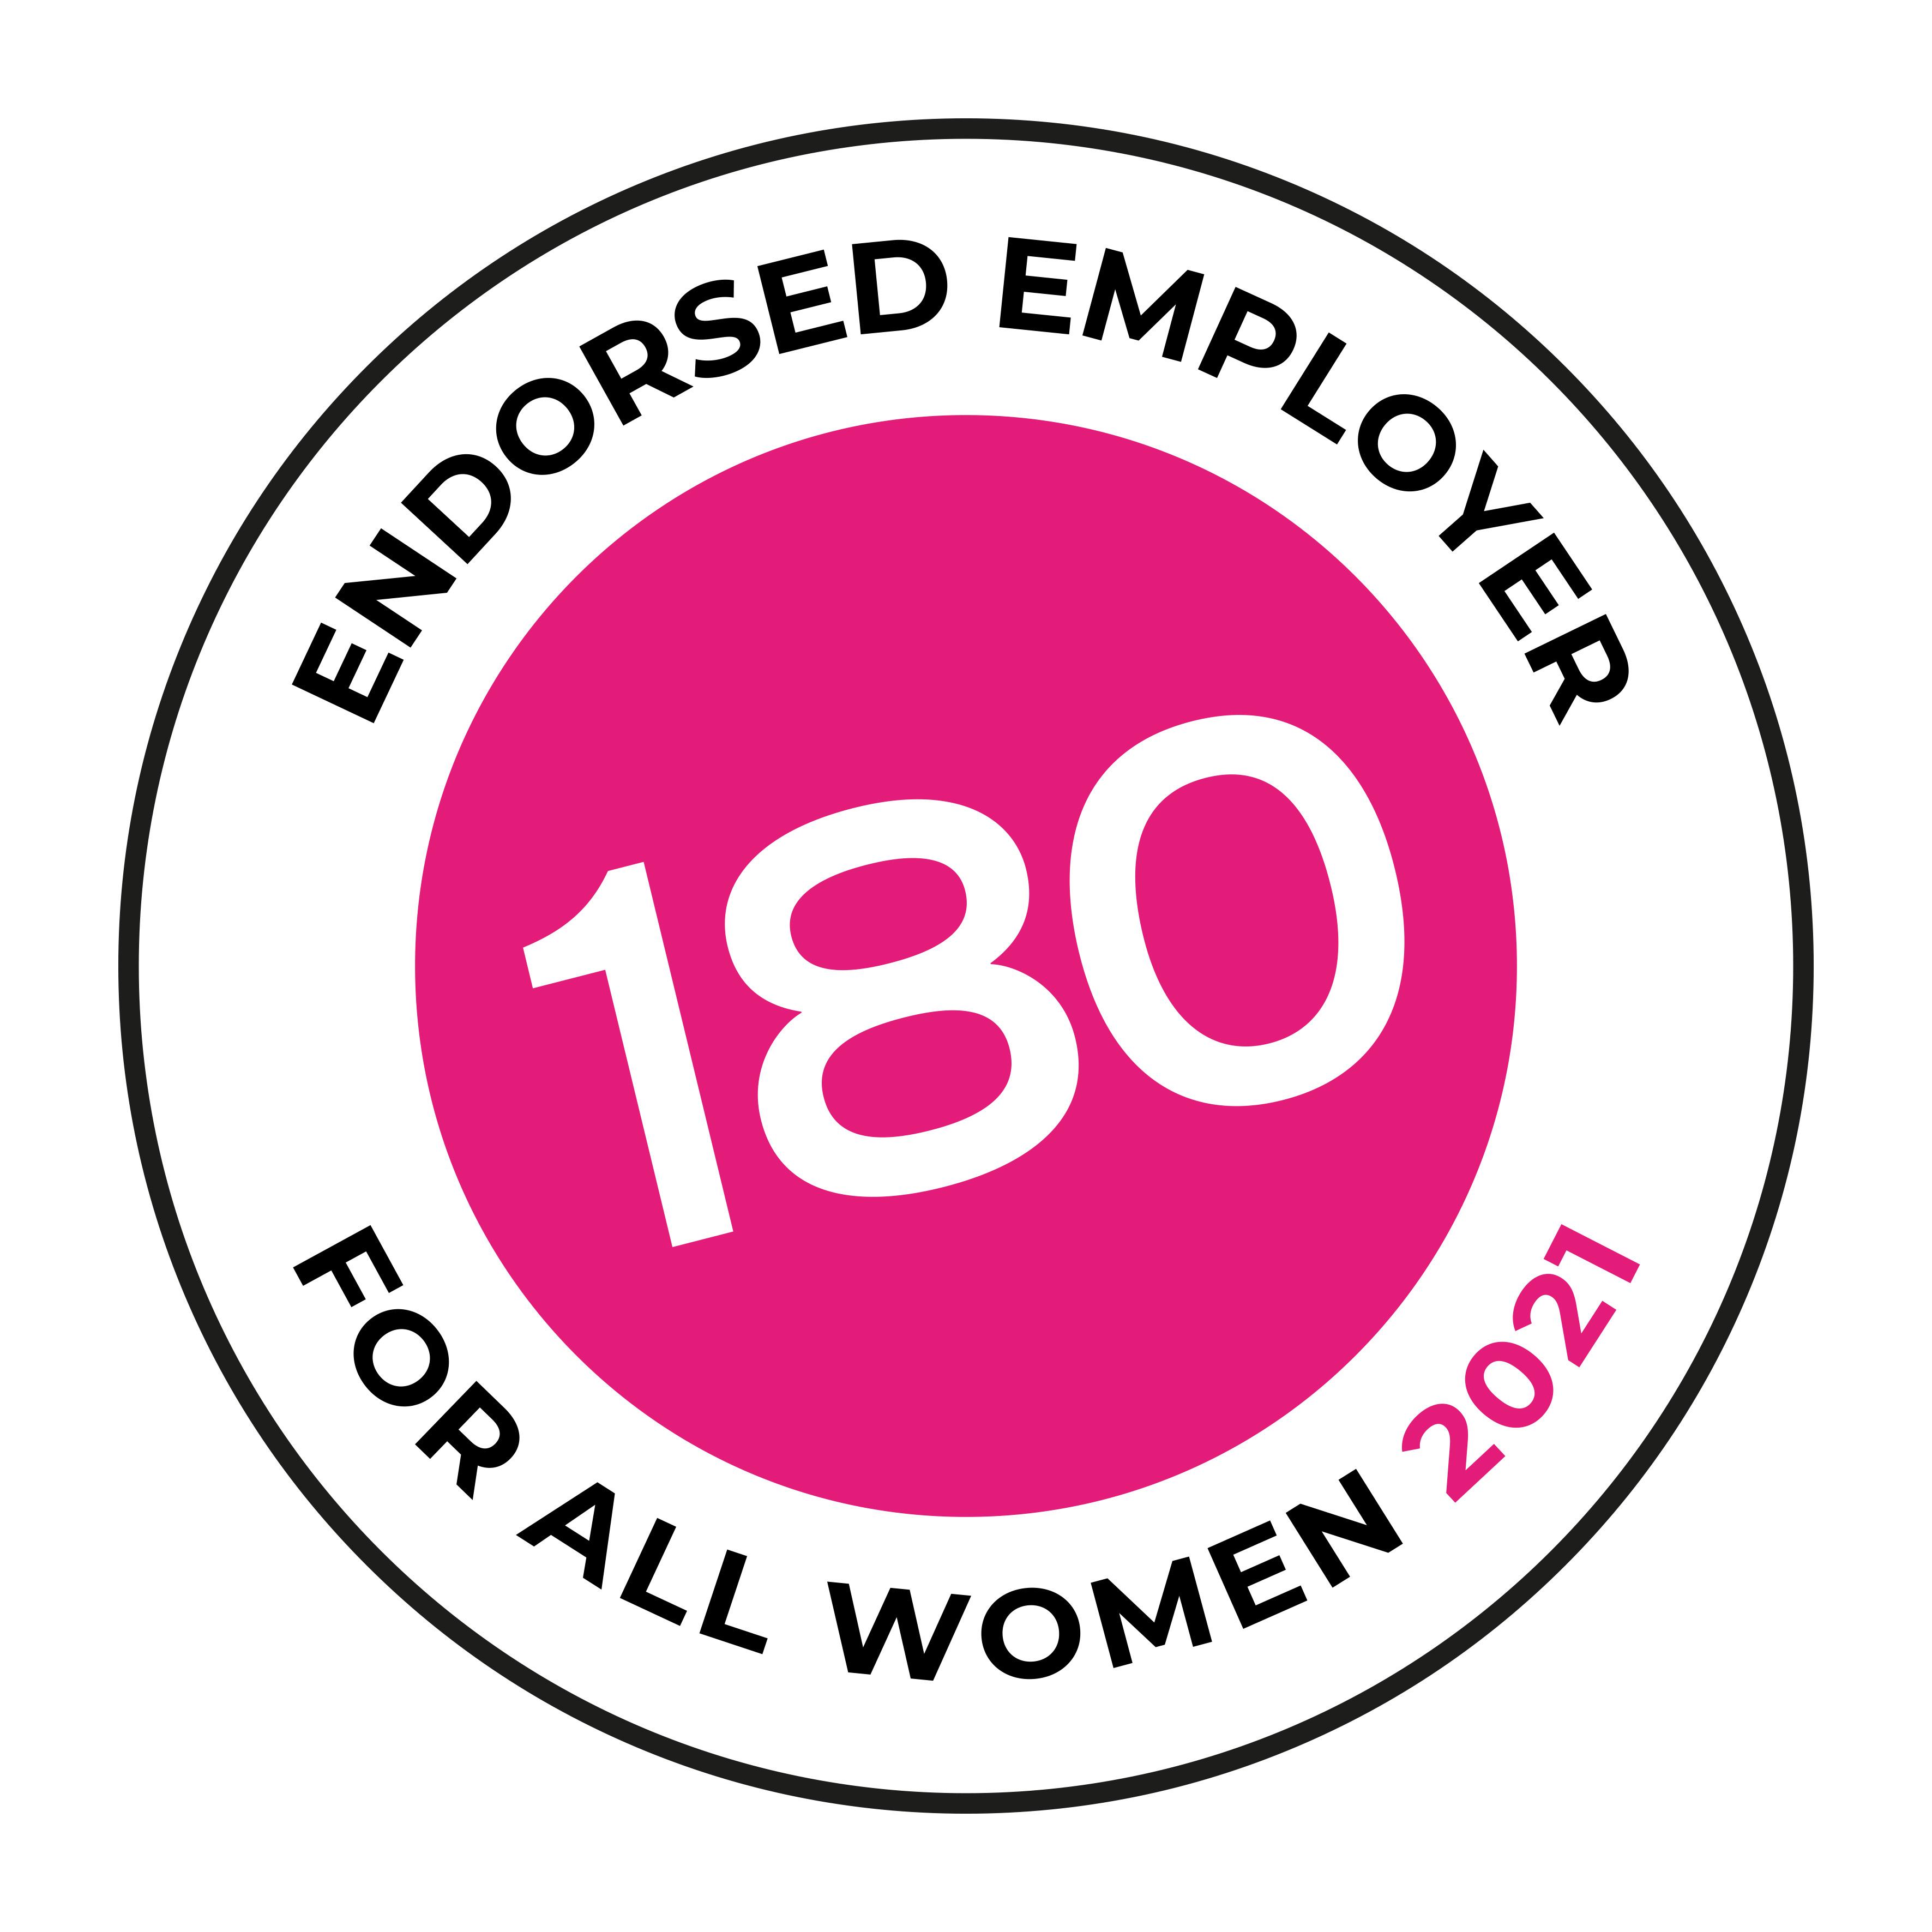 Endorsed employer: Work180, for all women 2021 logo